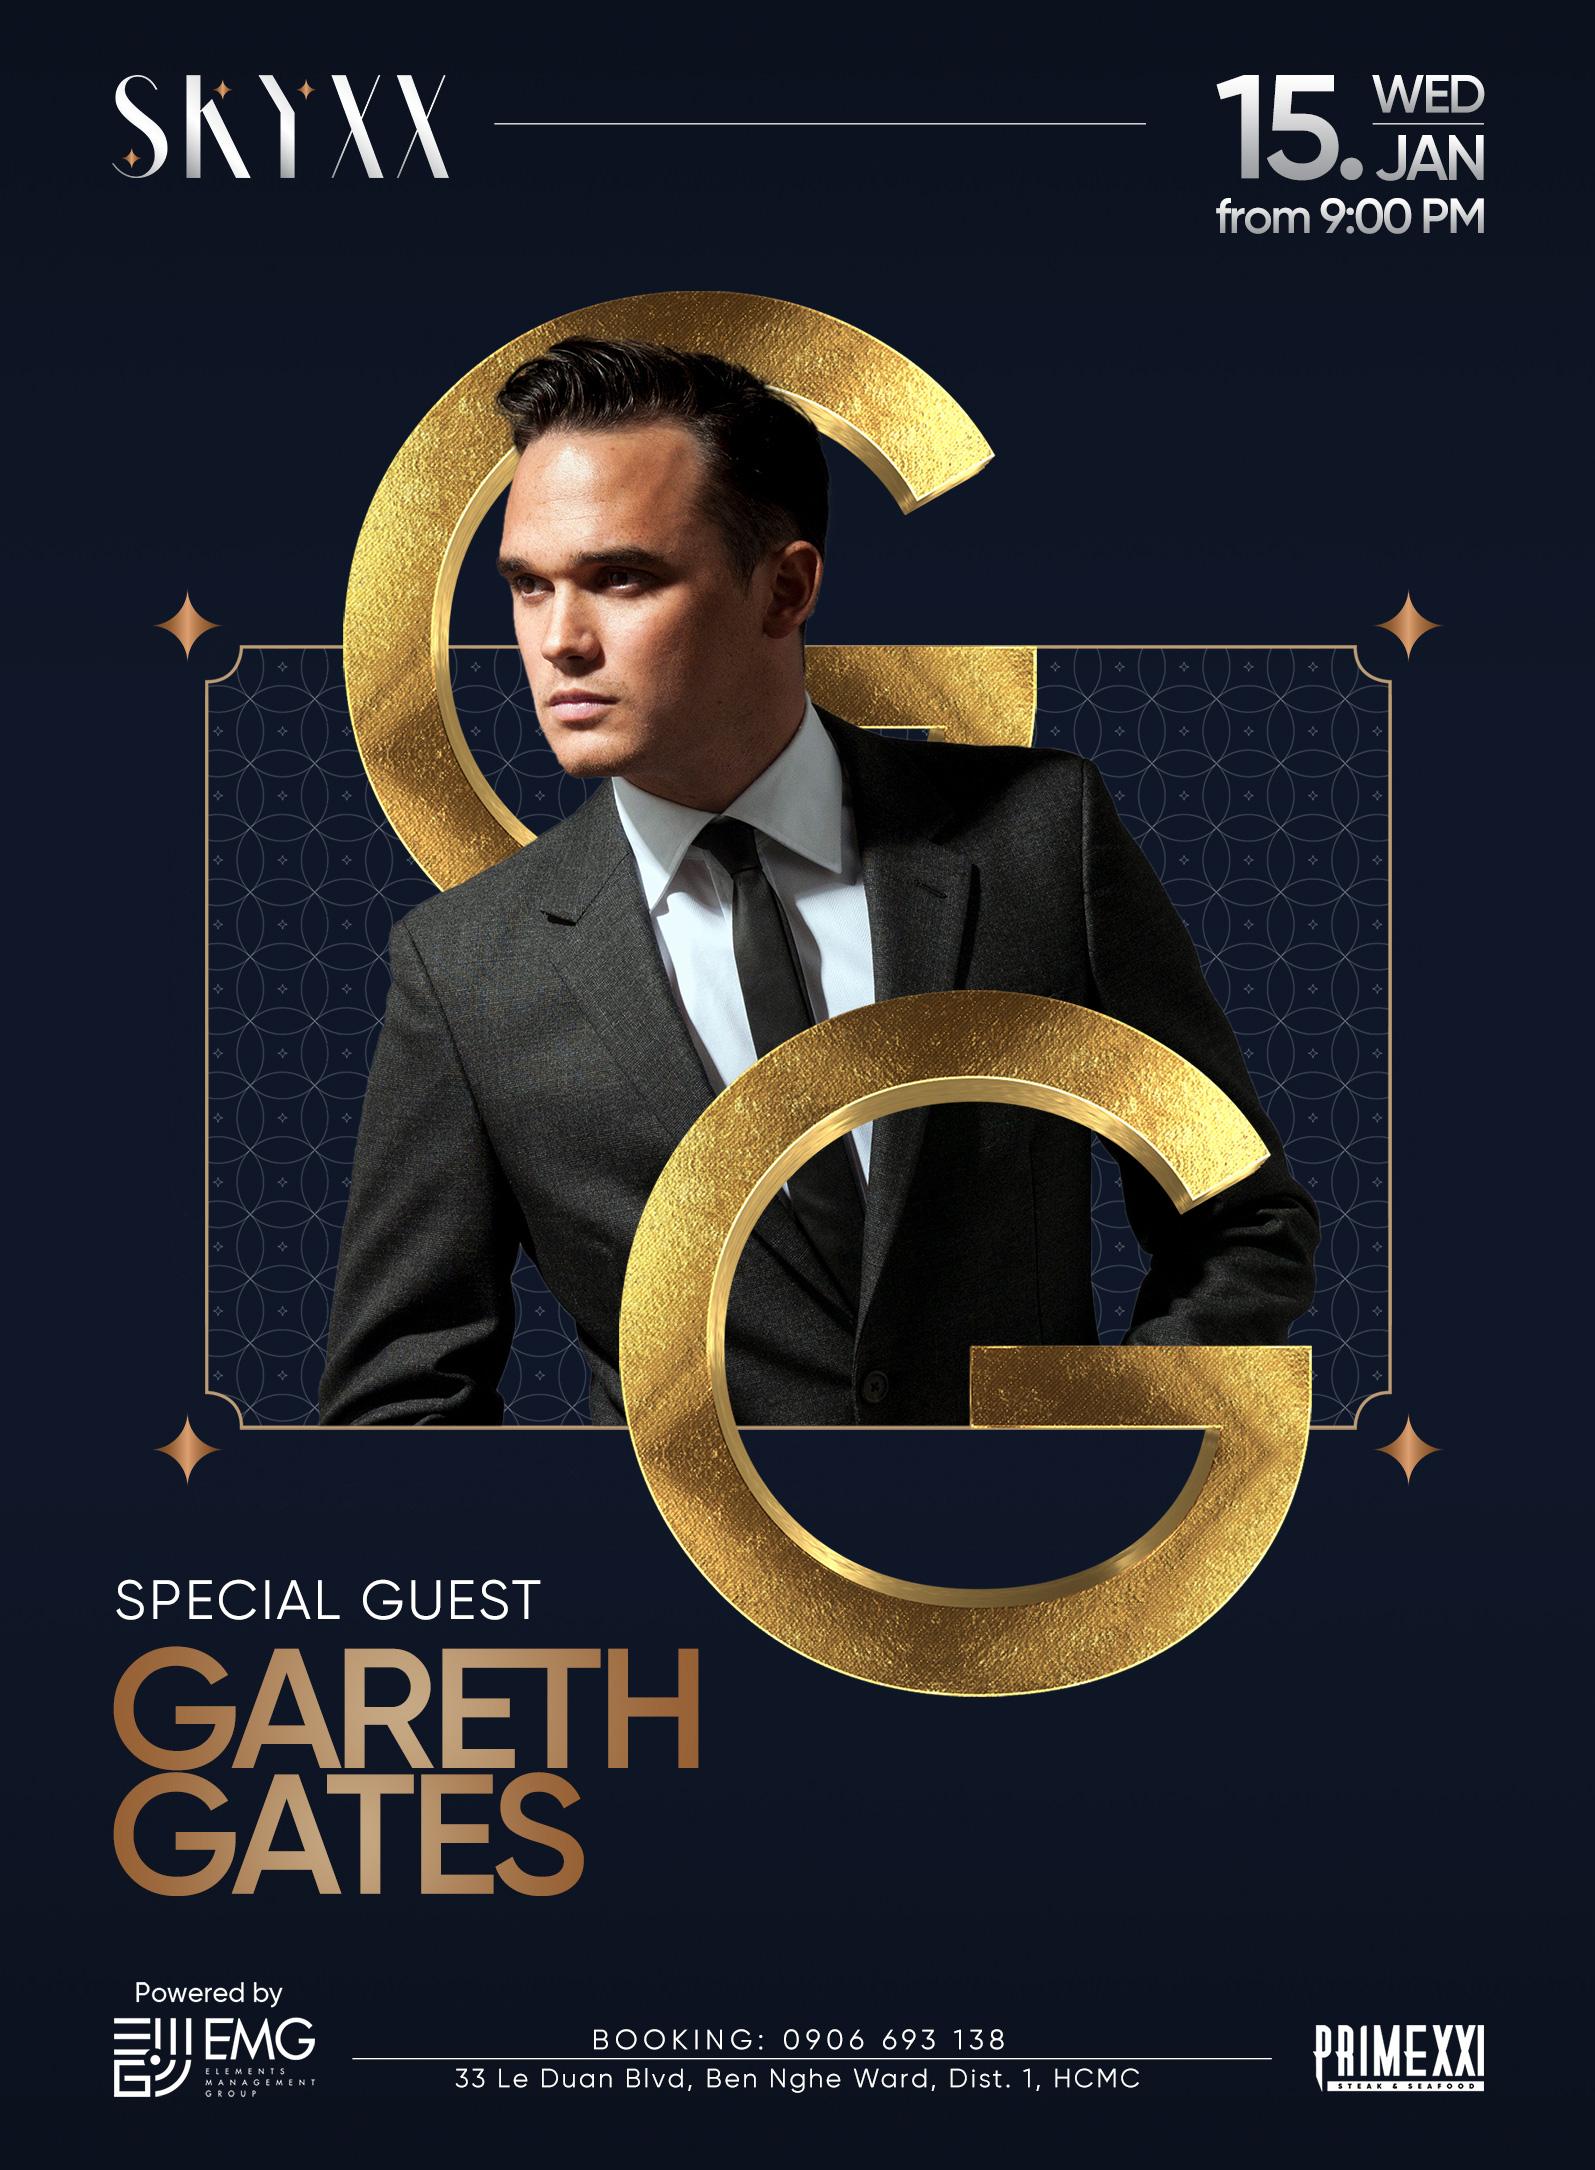 HOT! Pop IDOL UK Gareth Gates chính thức biểu diễn tại Sài Gòn vào 15 và 16/1 - Ảnh 1.